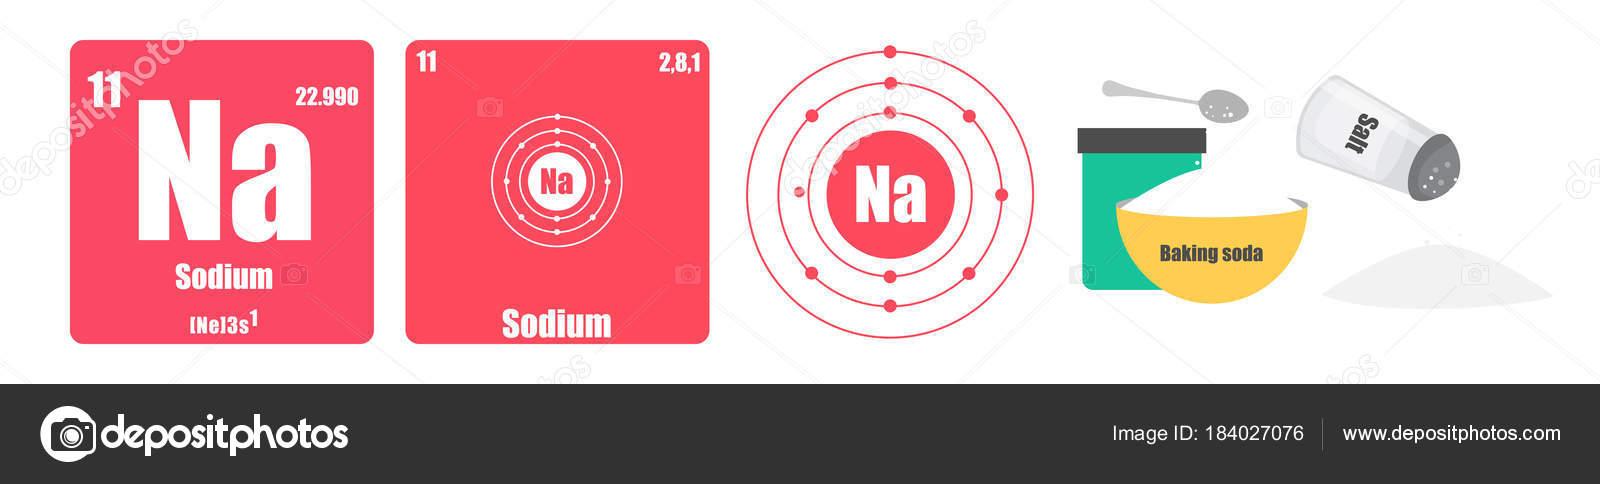 tabla periodica de los elementos del grupo i los metales alcalinos sodio na vector de - Tabla Periodica Sodio Grupo